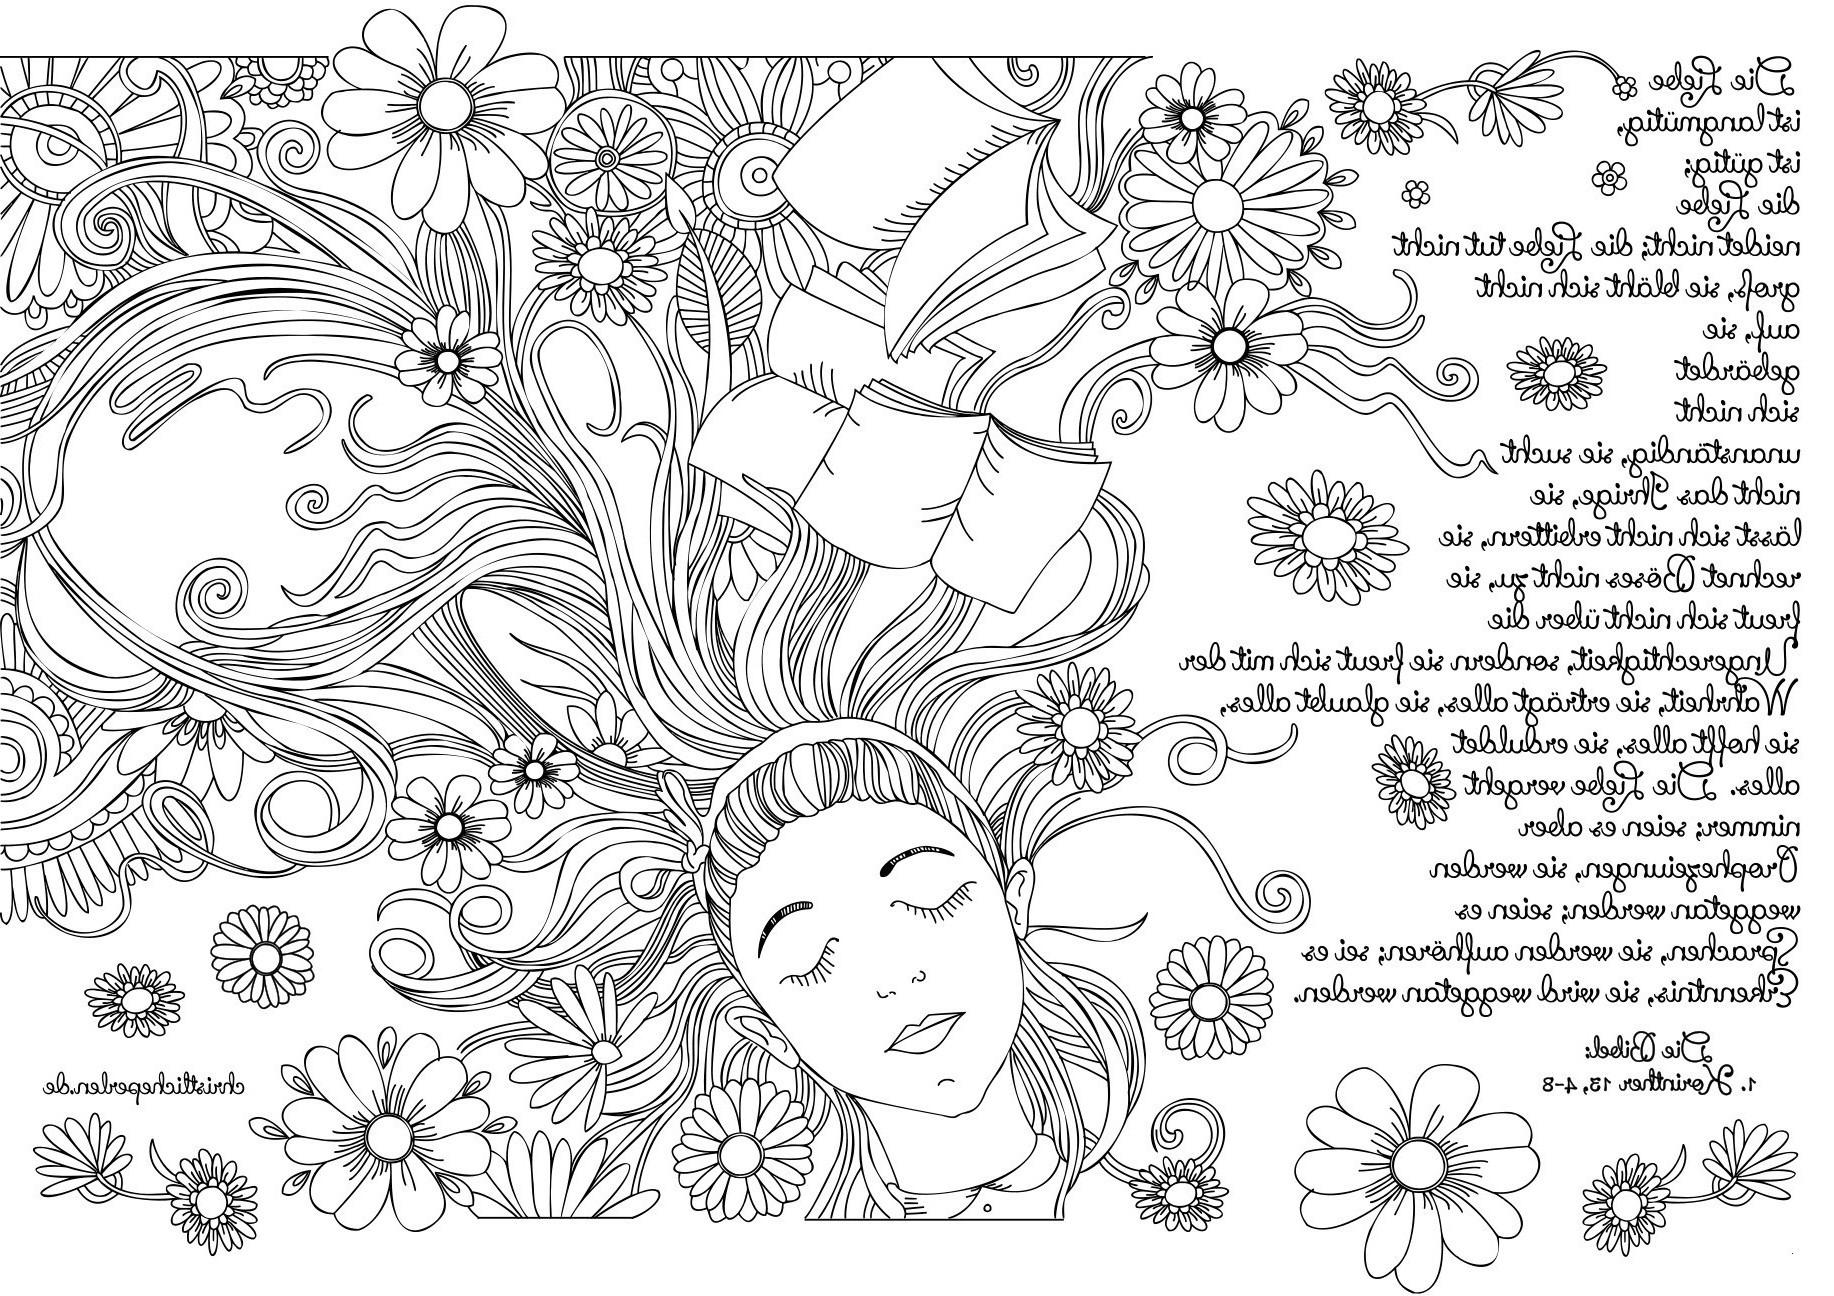 Robin Hood Ausmalbild Frisch 30 Schön Tulpe Ausmalbild – Malvorlagen Ideen Das Bild